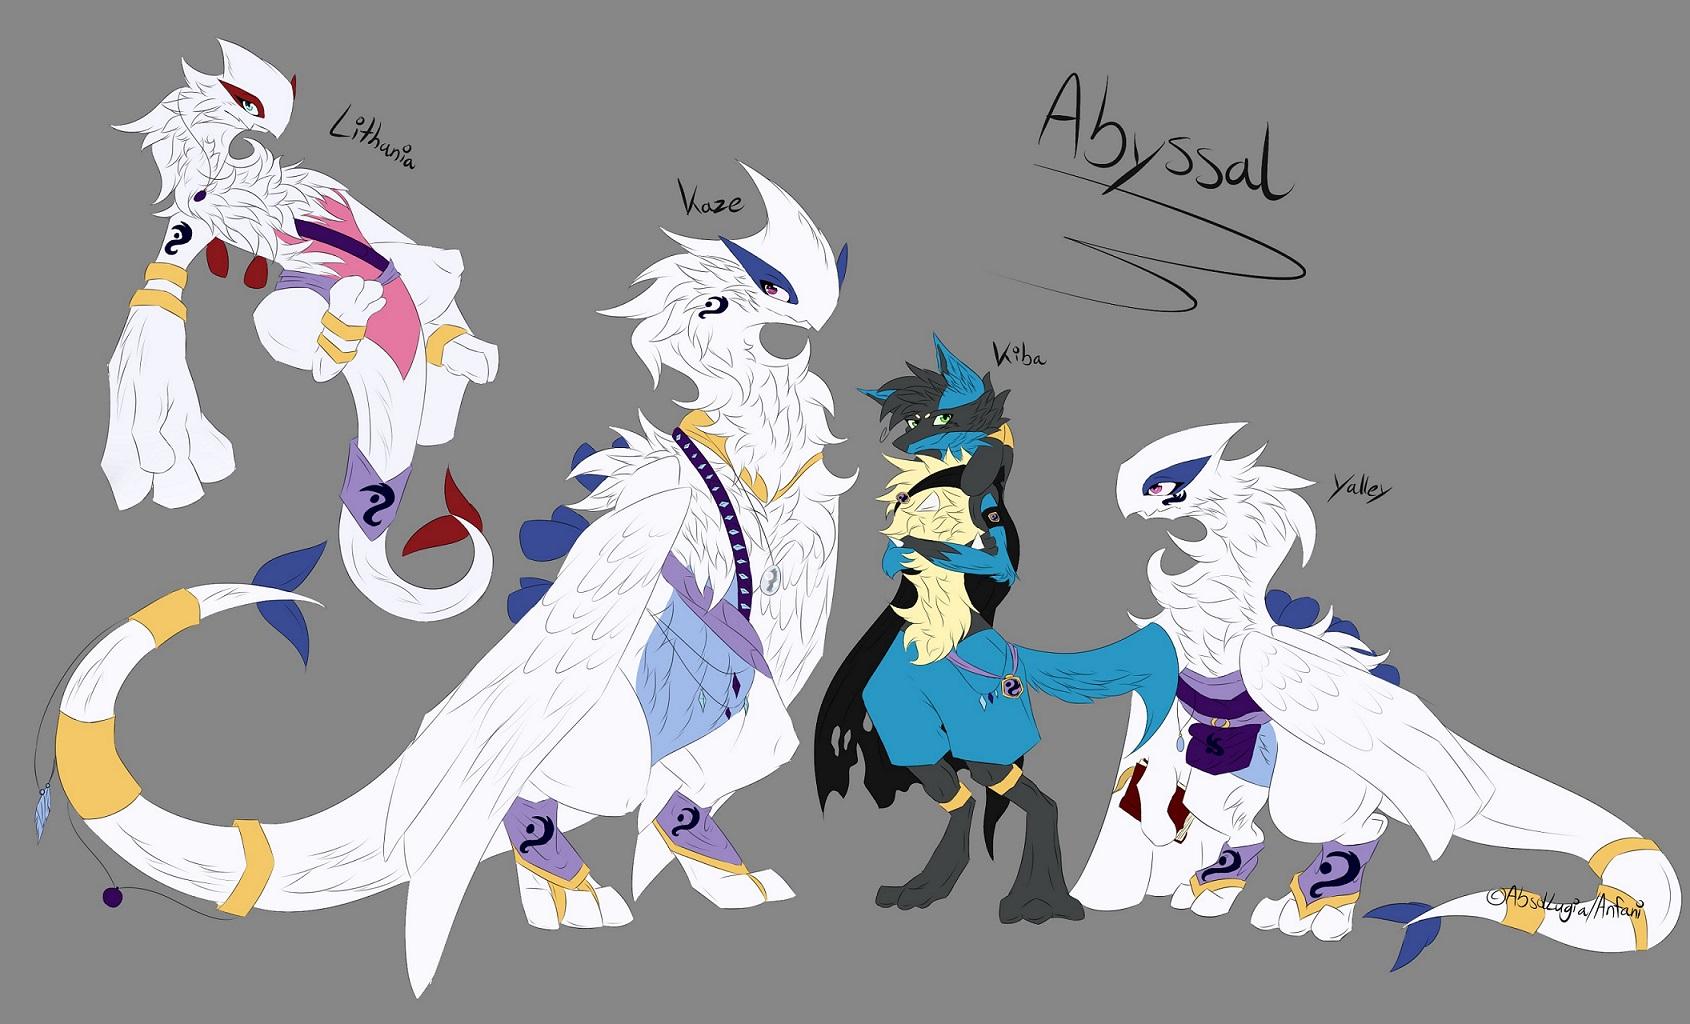 Pokémon-Zeichnung: Familie Abyssal